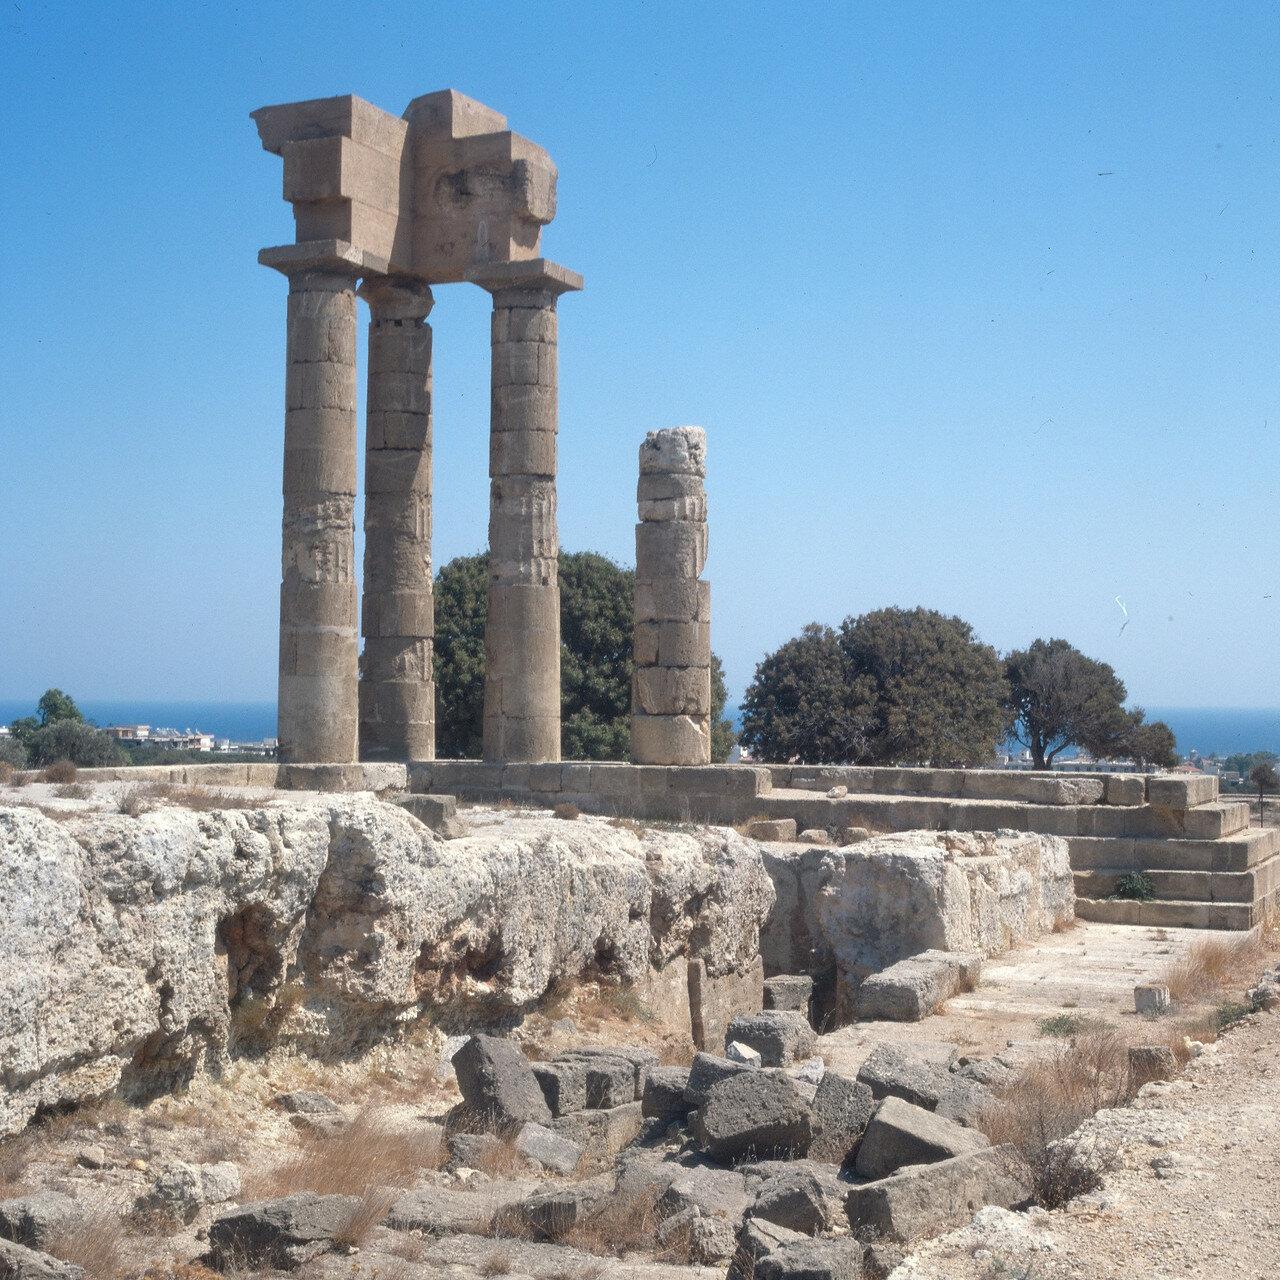 Родосский акрополь на горе Монте Смит. Храм Аполлона Пифийского, II в. до н. э.